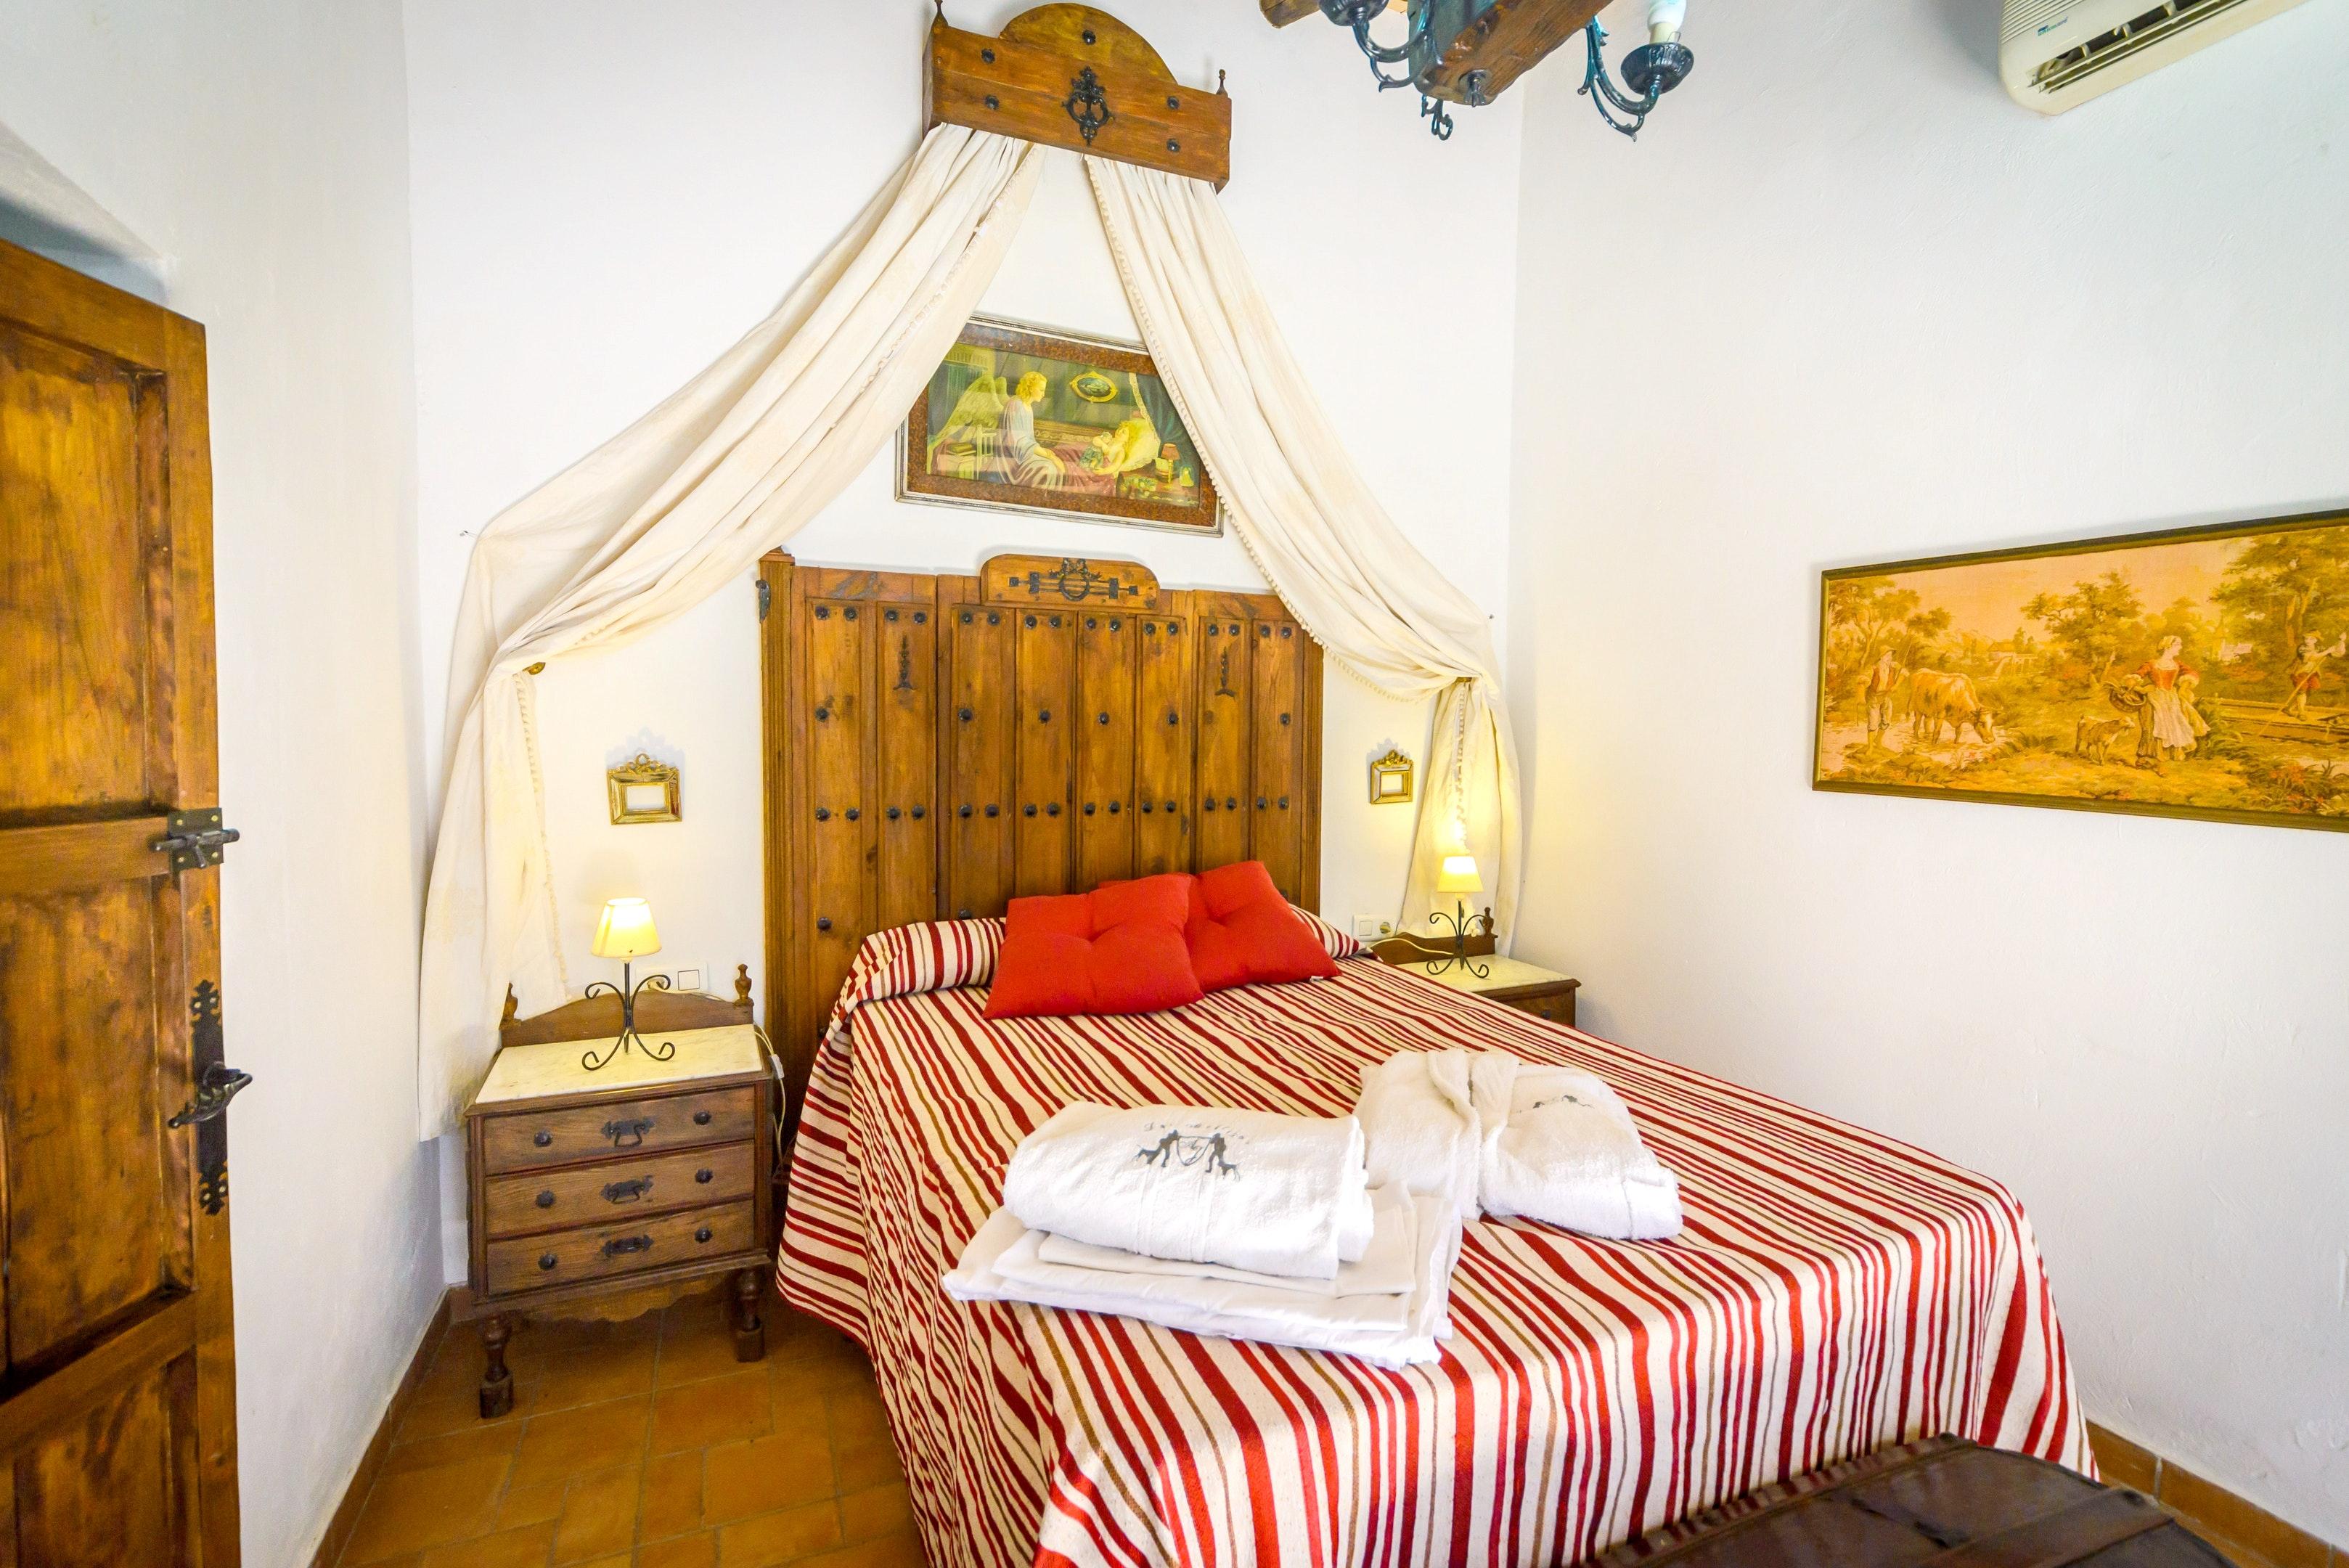 Ferienhaus Villa mit 3 Schlafzimmern in Peñaflor mit privatem Pool, eingezäuntem Garten und W-LAN (2208249), Peñaflor, Sevilla, Andalusien, Spanien, Bild 22